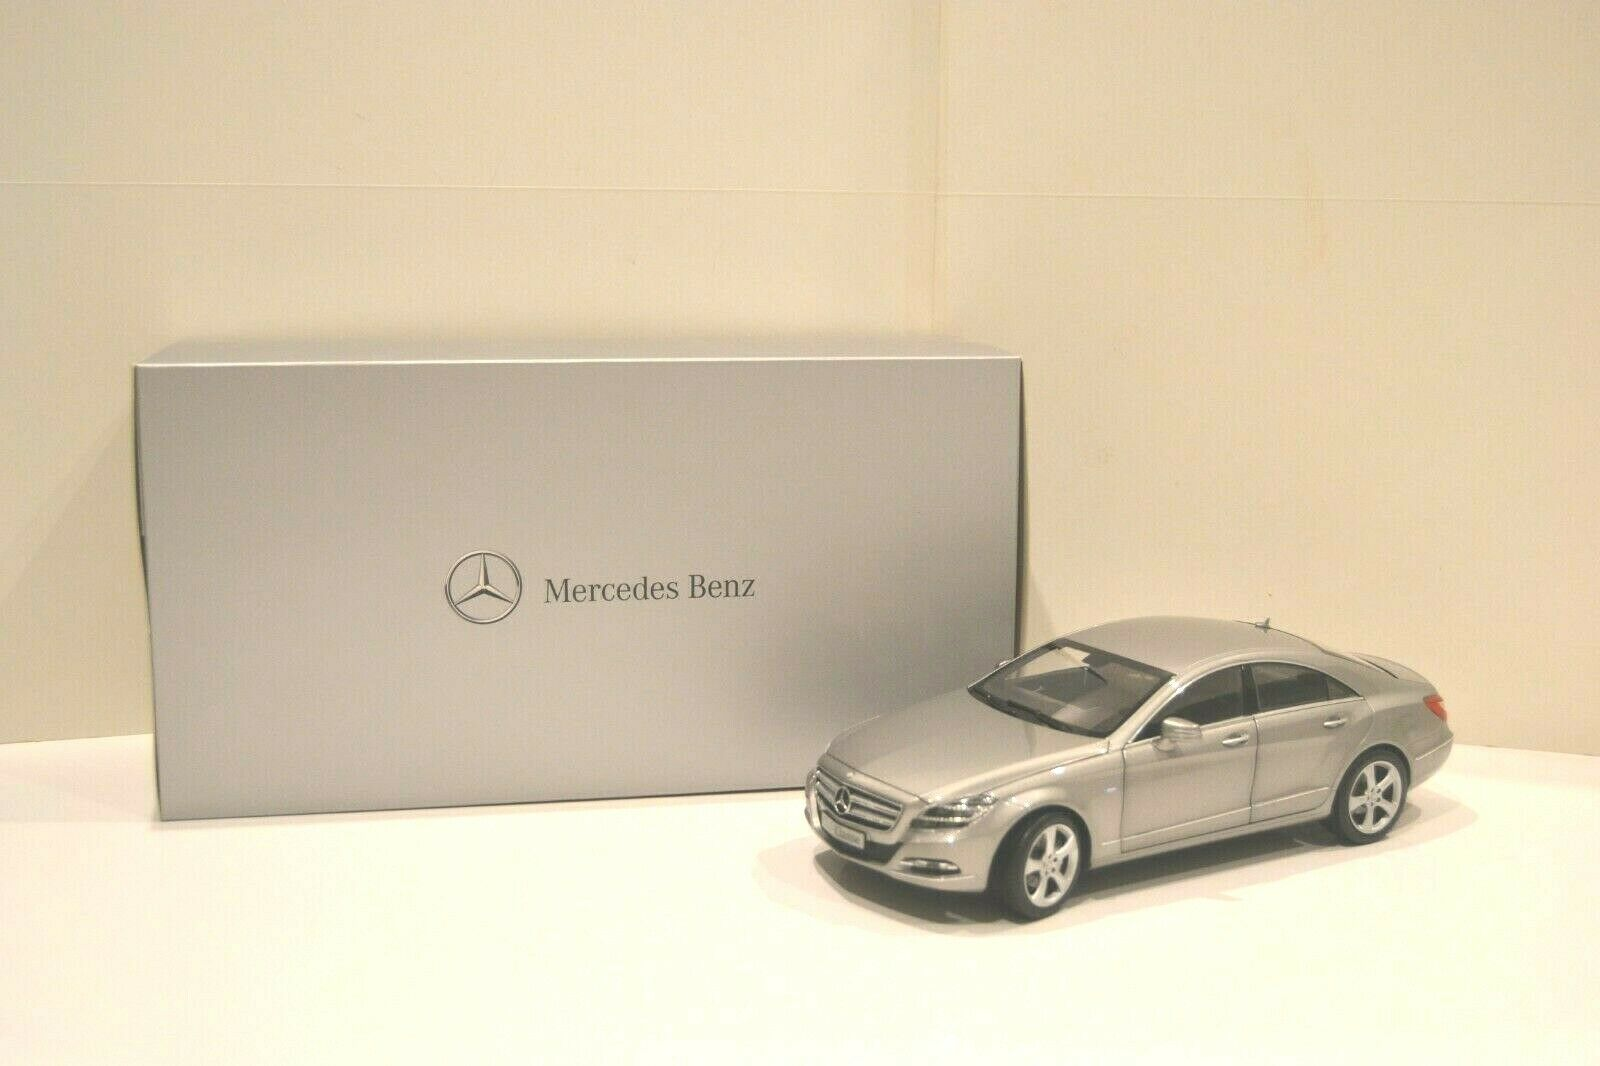 Norev 1 18. Mercedes-Benz CLS-Klasse 2011 Limousine 4 portes. Réf. B6 696 1298.